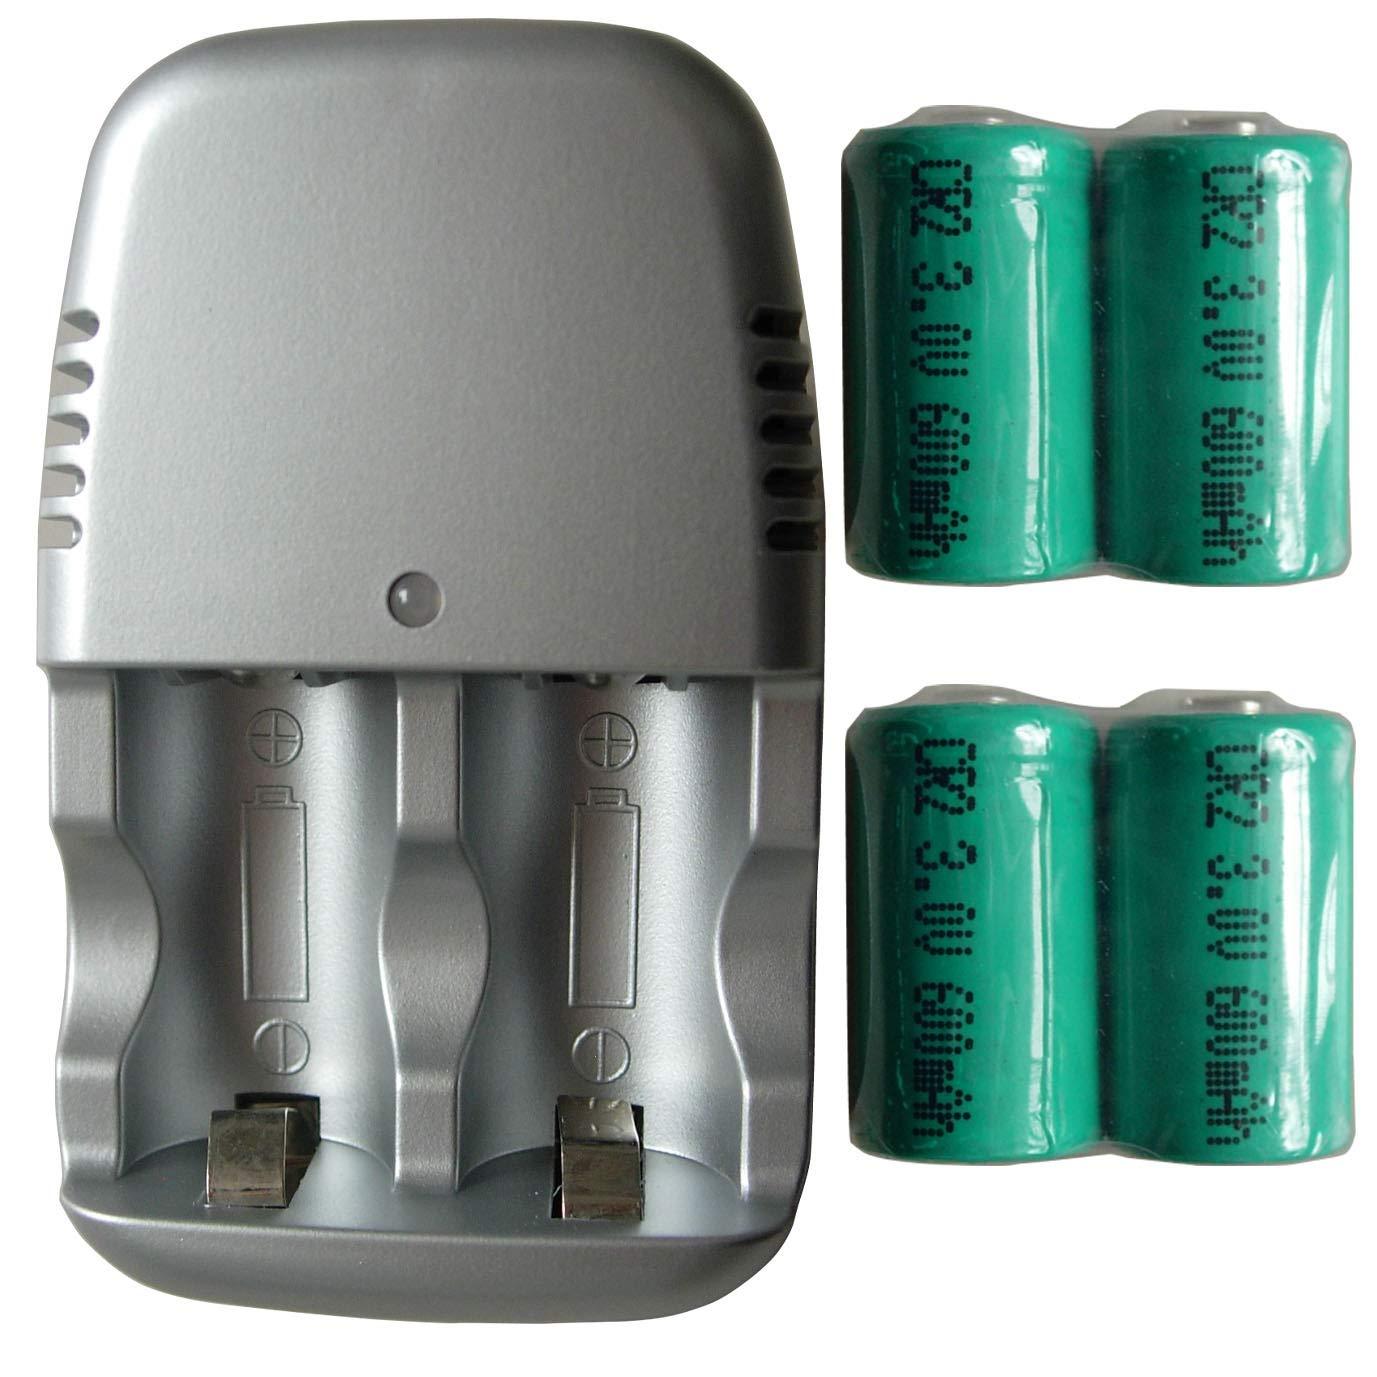 Amazon.com: 4 pilas recargables CR2 CR-2 15270 + cargador ...